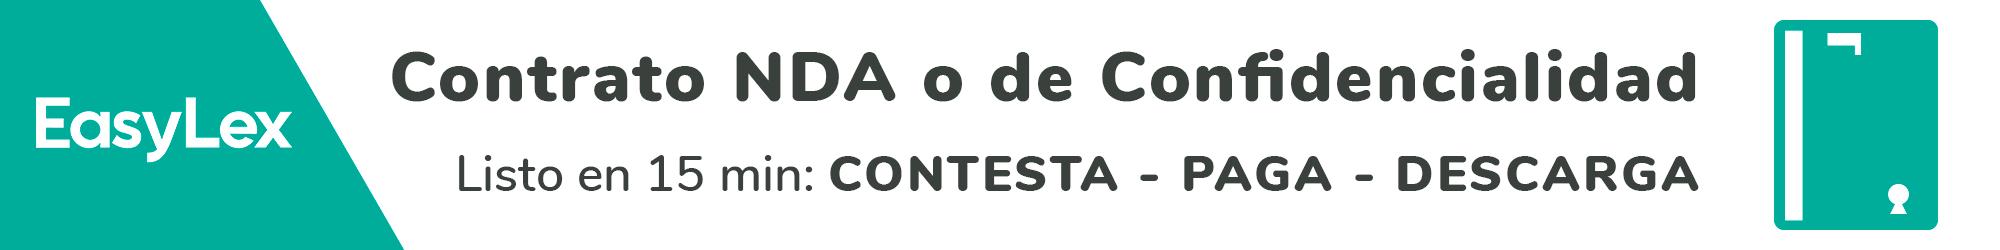 nda_contrato_de_confidencialidad